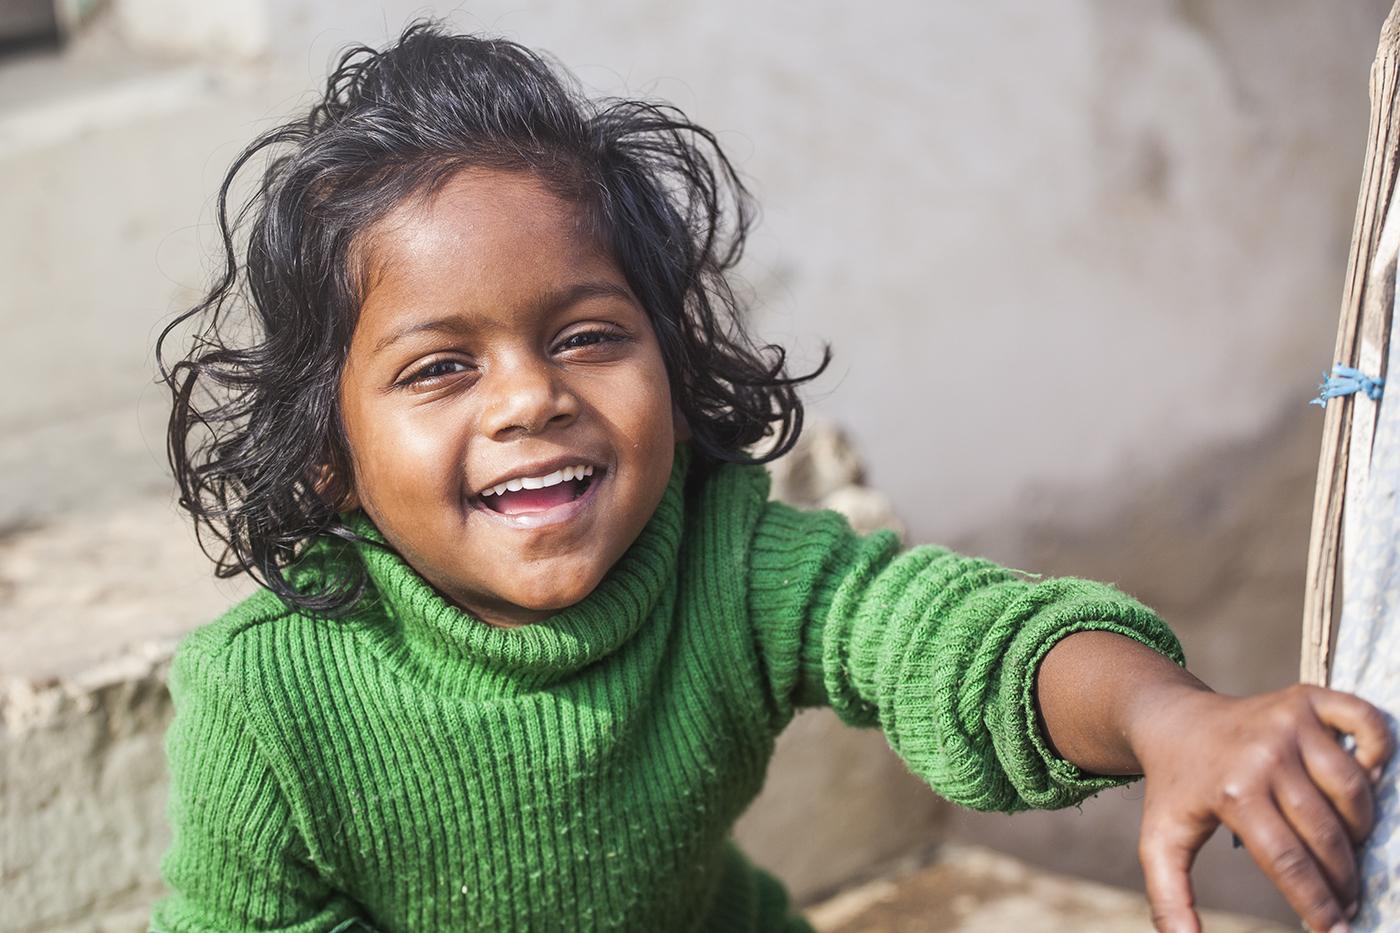 zdjęcia dzieci świata stachowiak mariusz